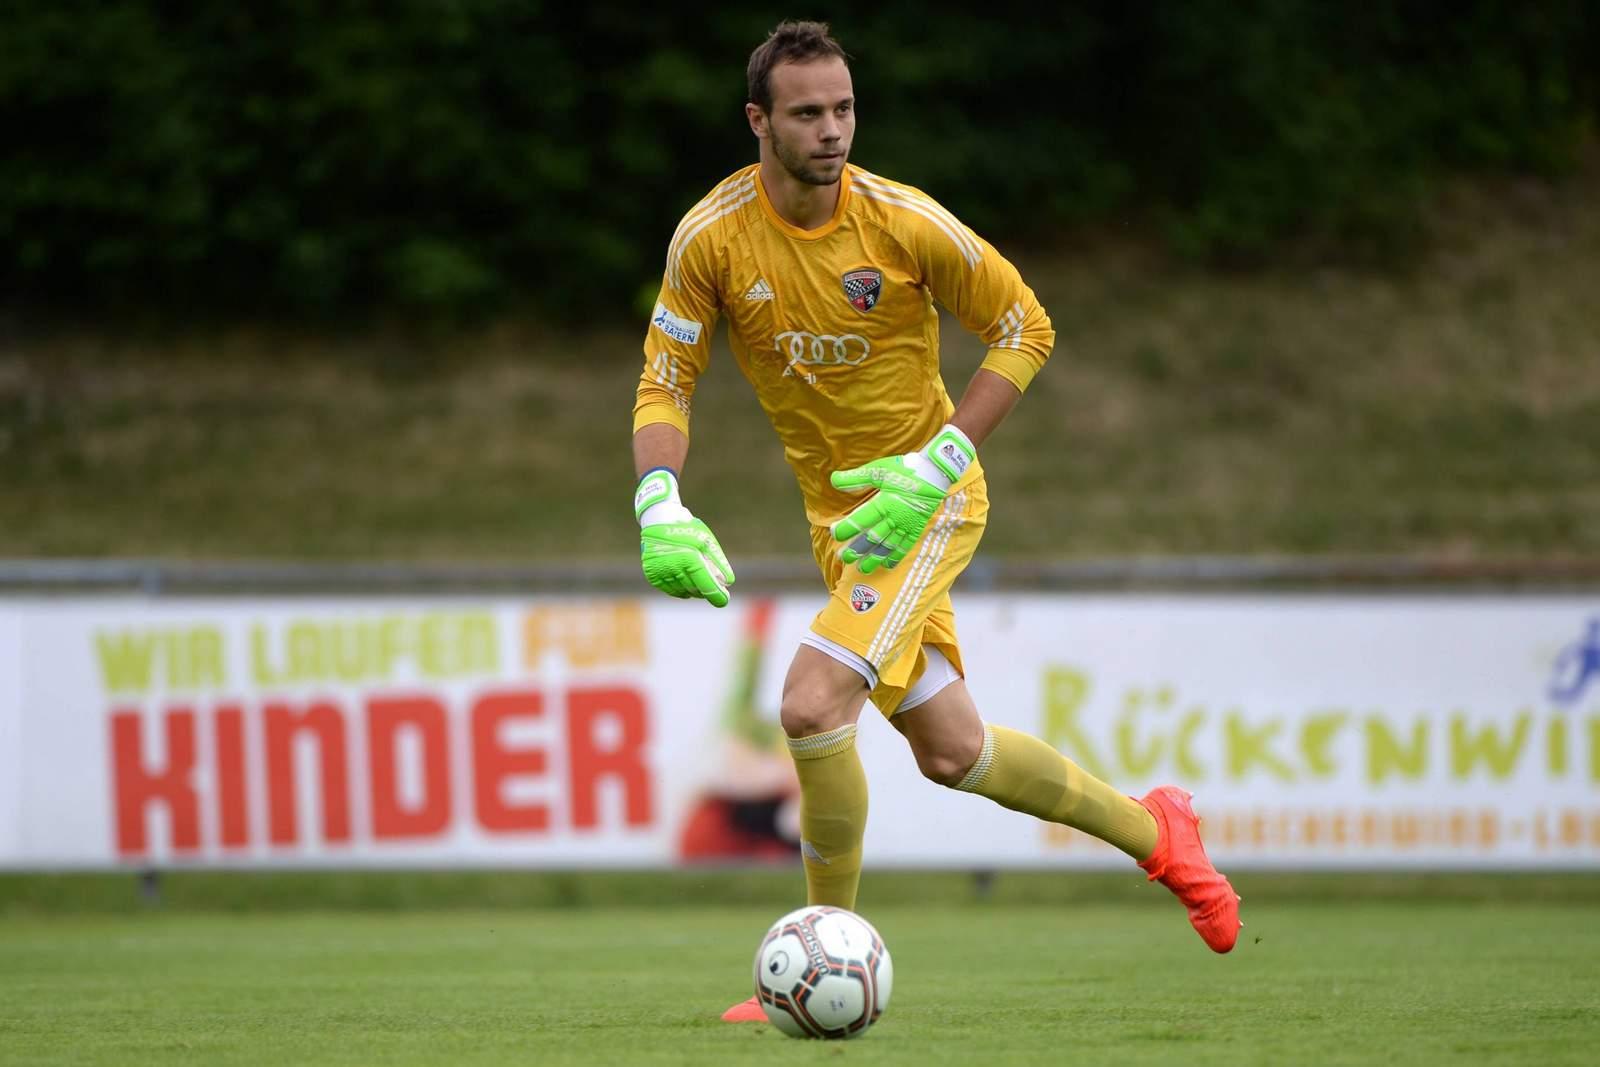 Christian Ortag von Ingolstadt